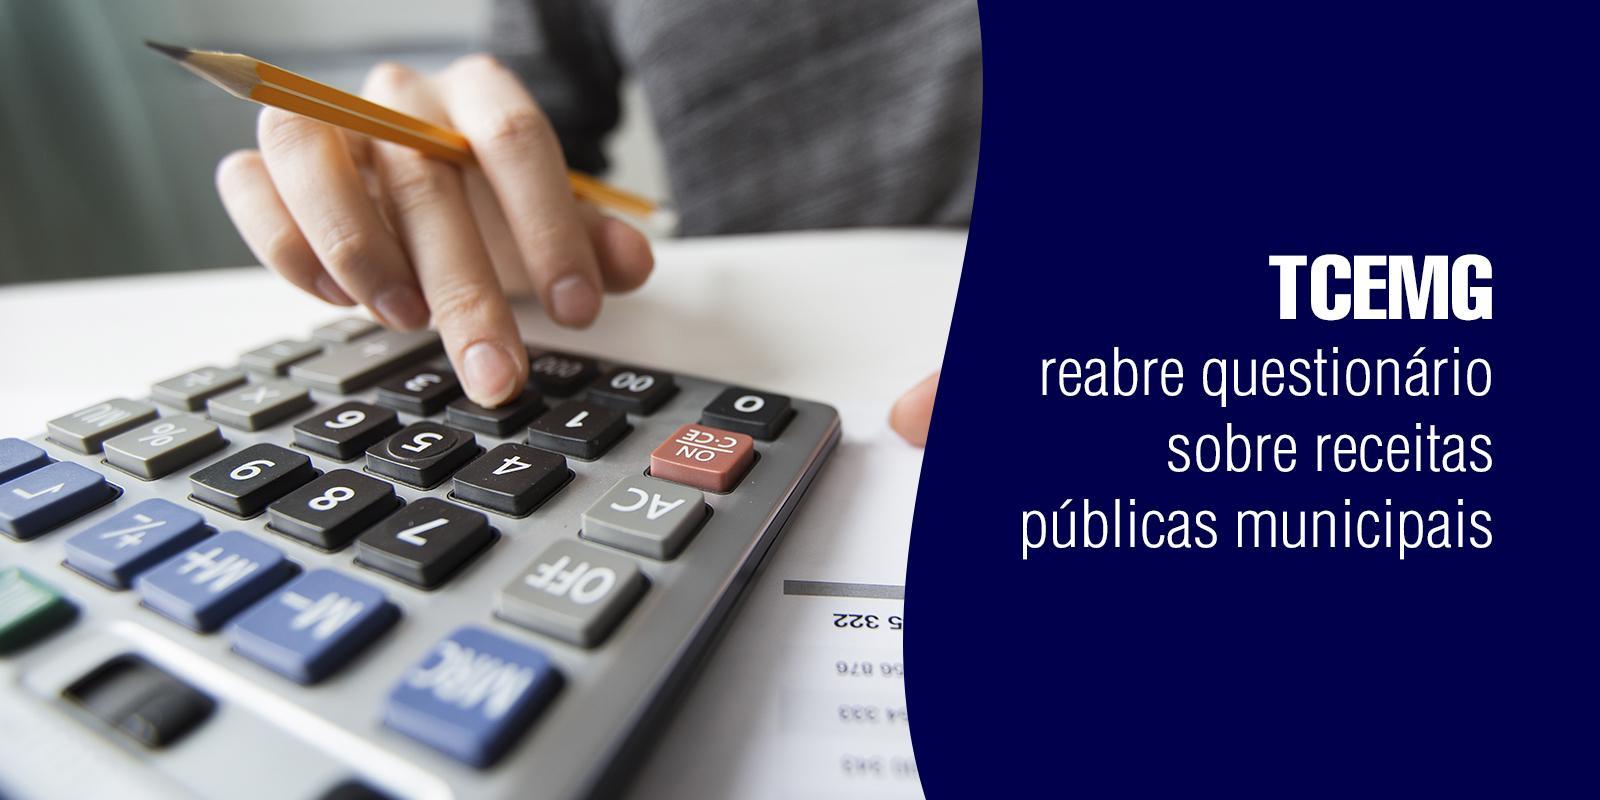 TCEMG reabre questionário sobre receitas públicas municipais